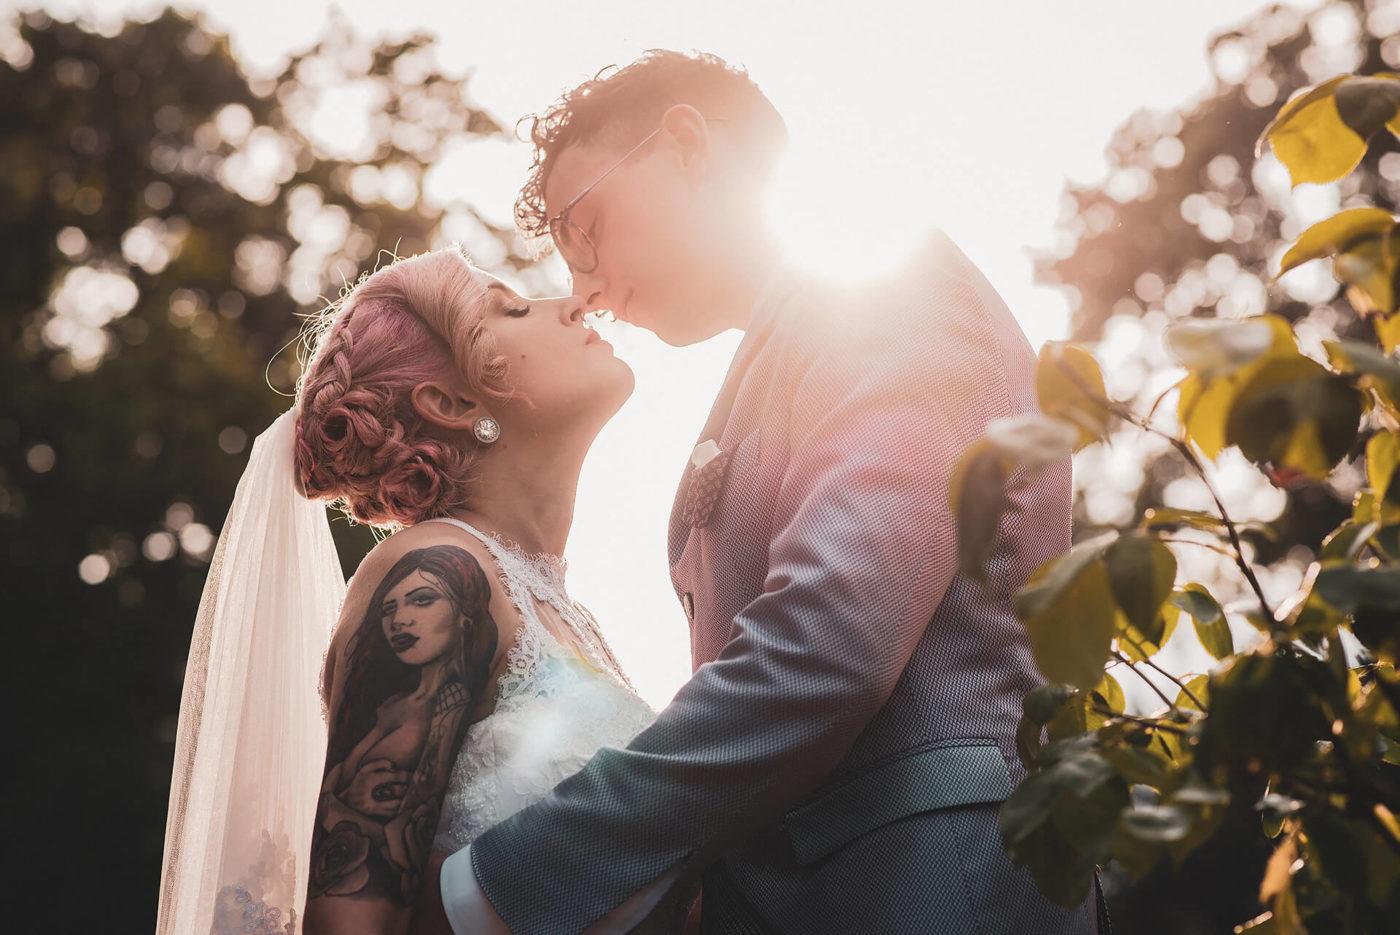 Fotografo di matrimonio Asti Servizio fotografico di matrimonio di una coppia al tramonto nel giardino del castello rosso di costigliole saluzzo di Francesco Matturro